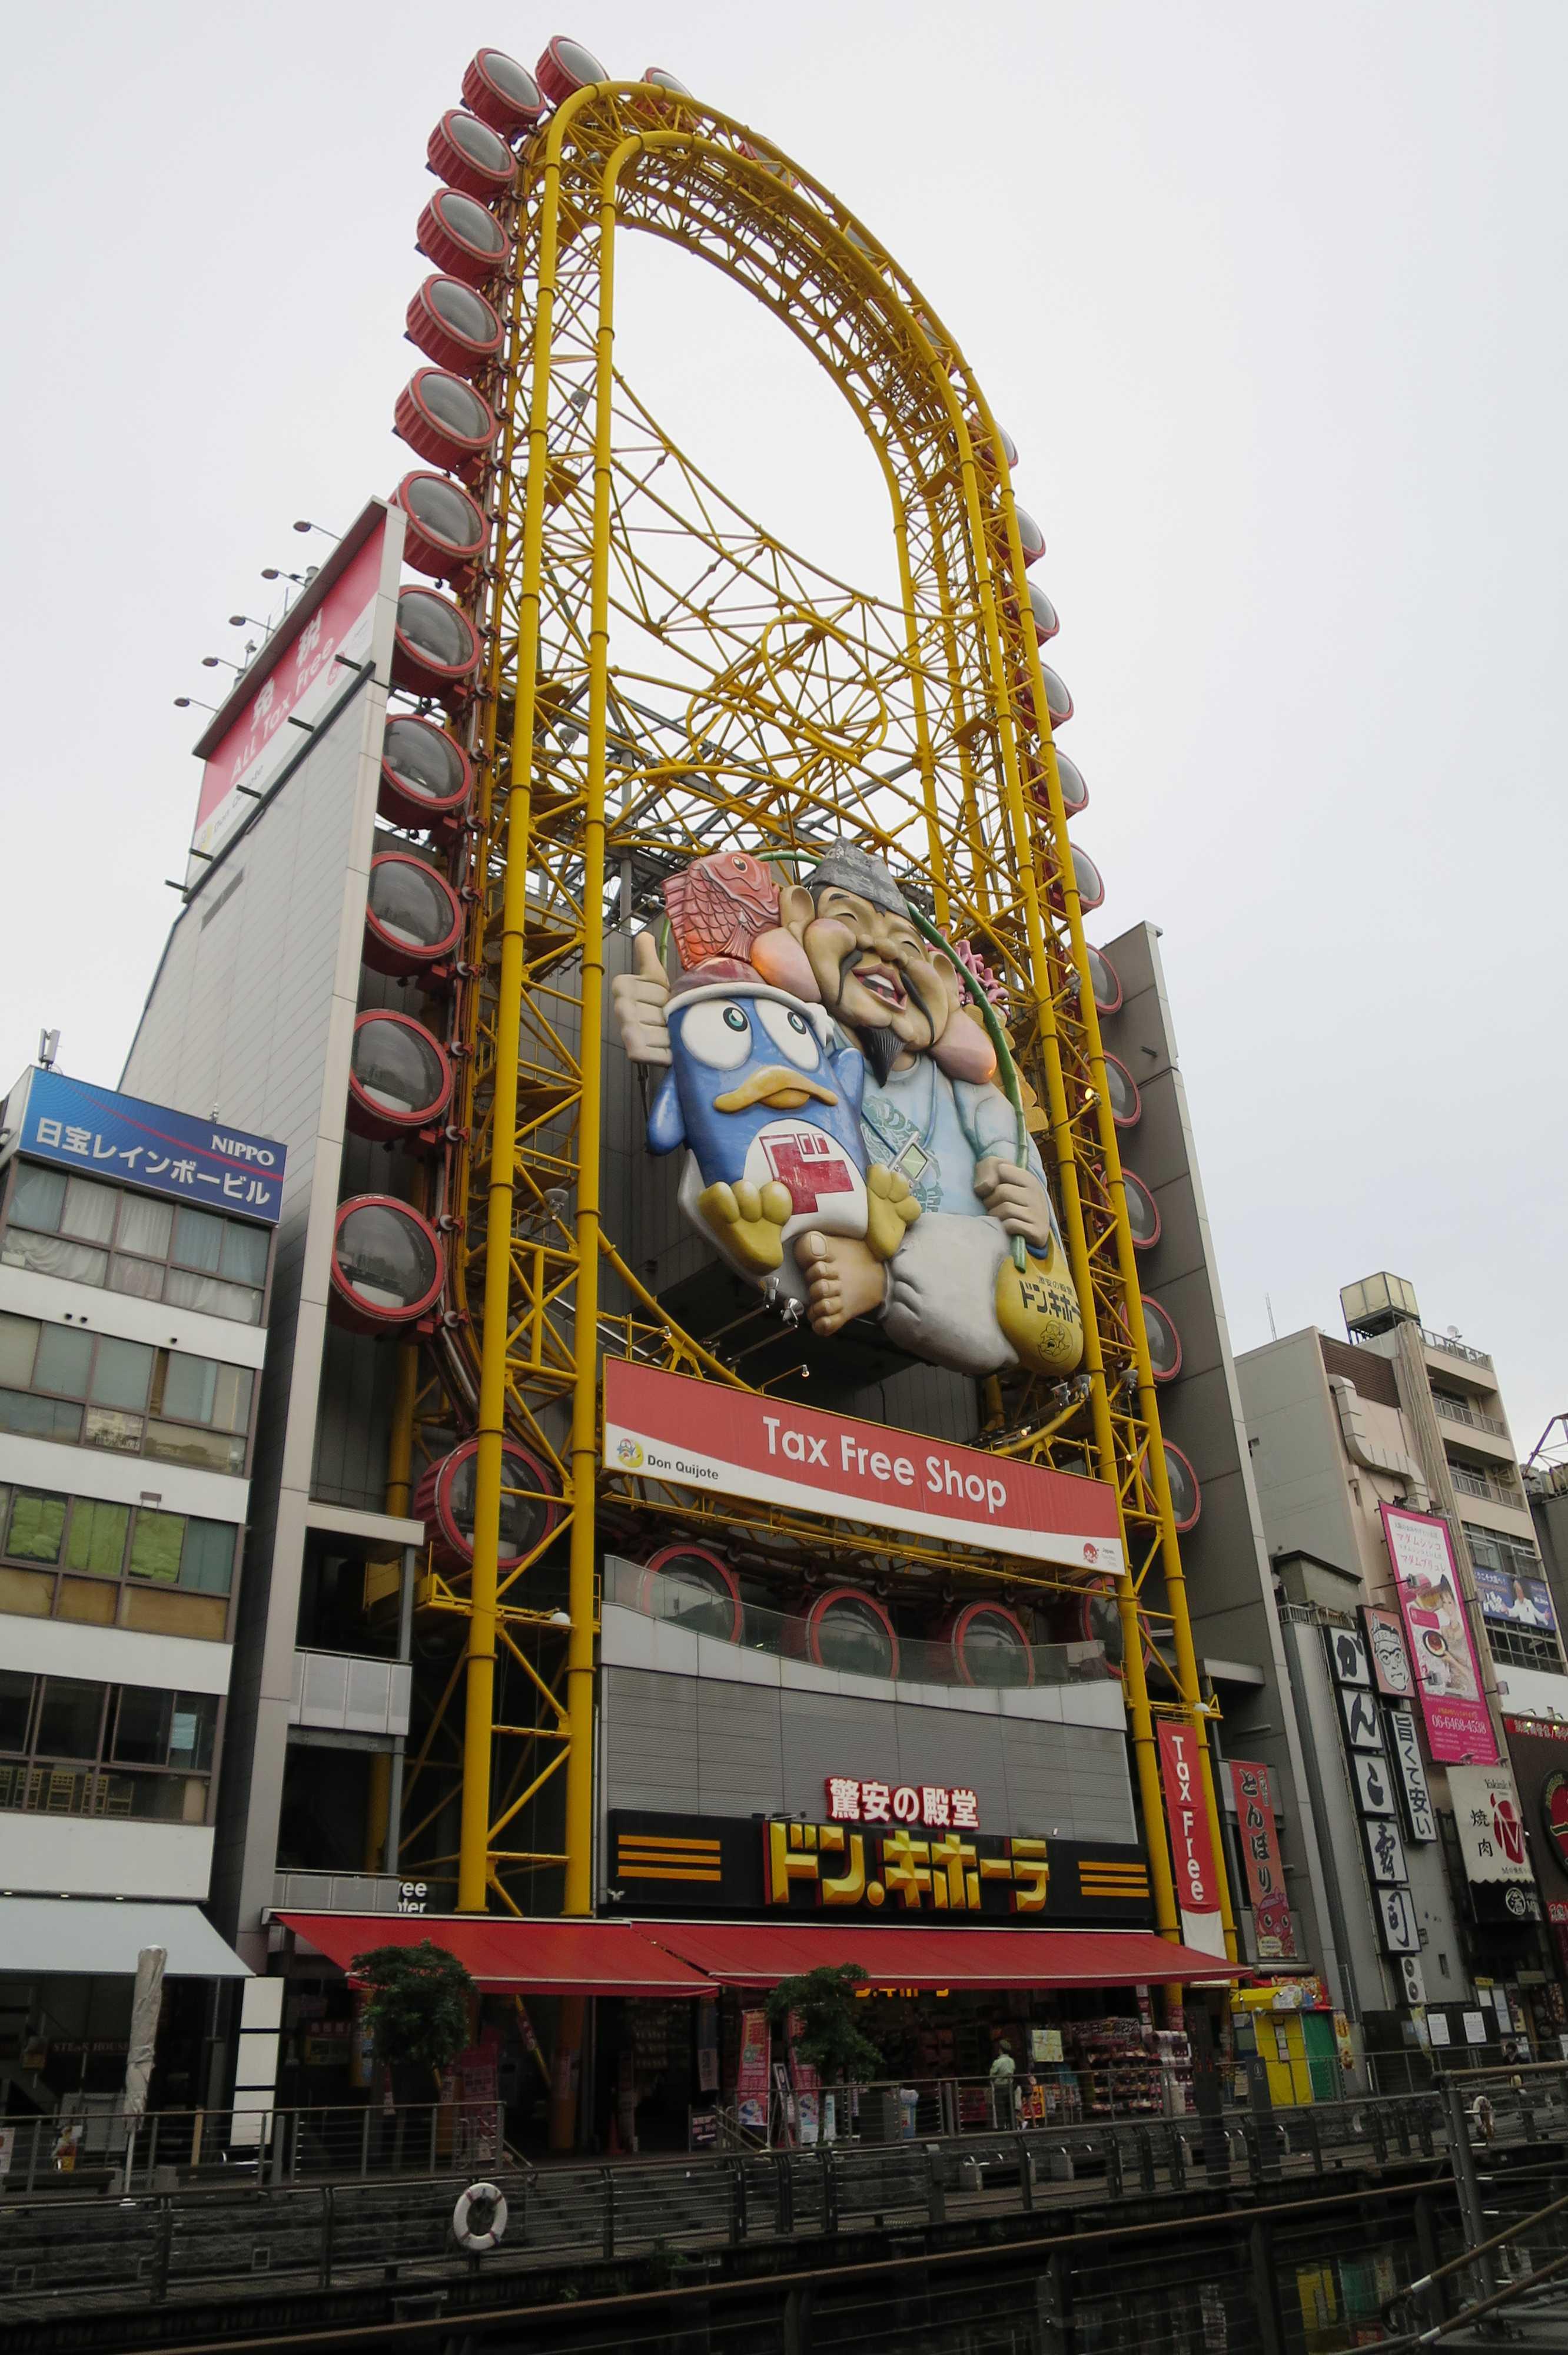 ドンキホーテ観覧車(えびすタワー)